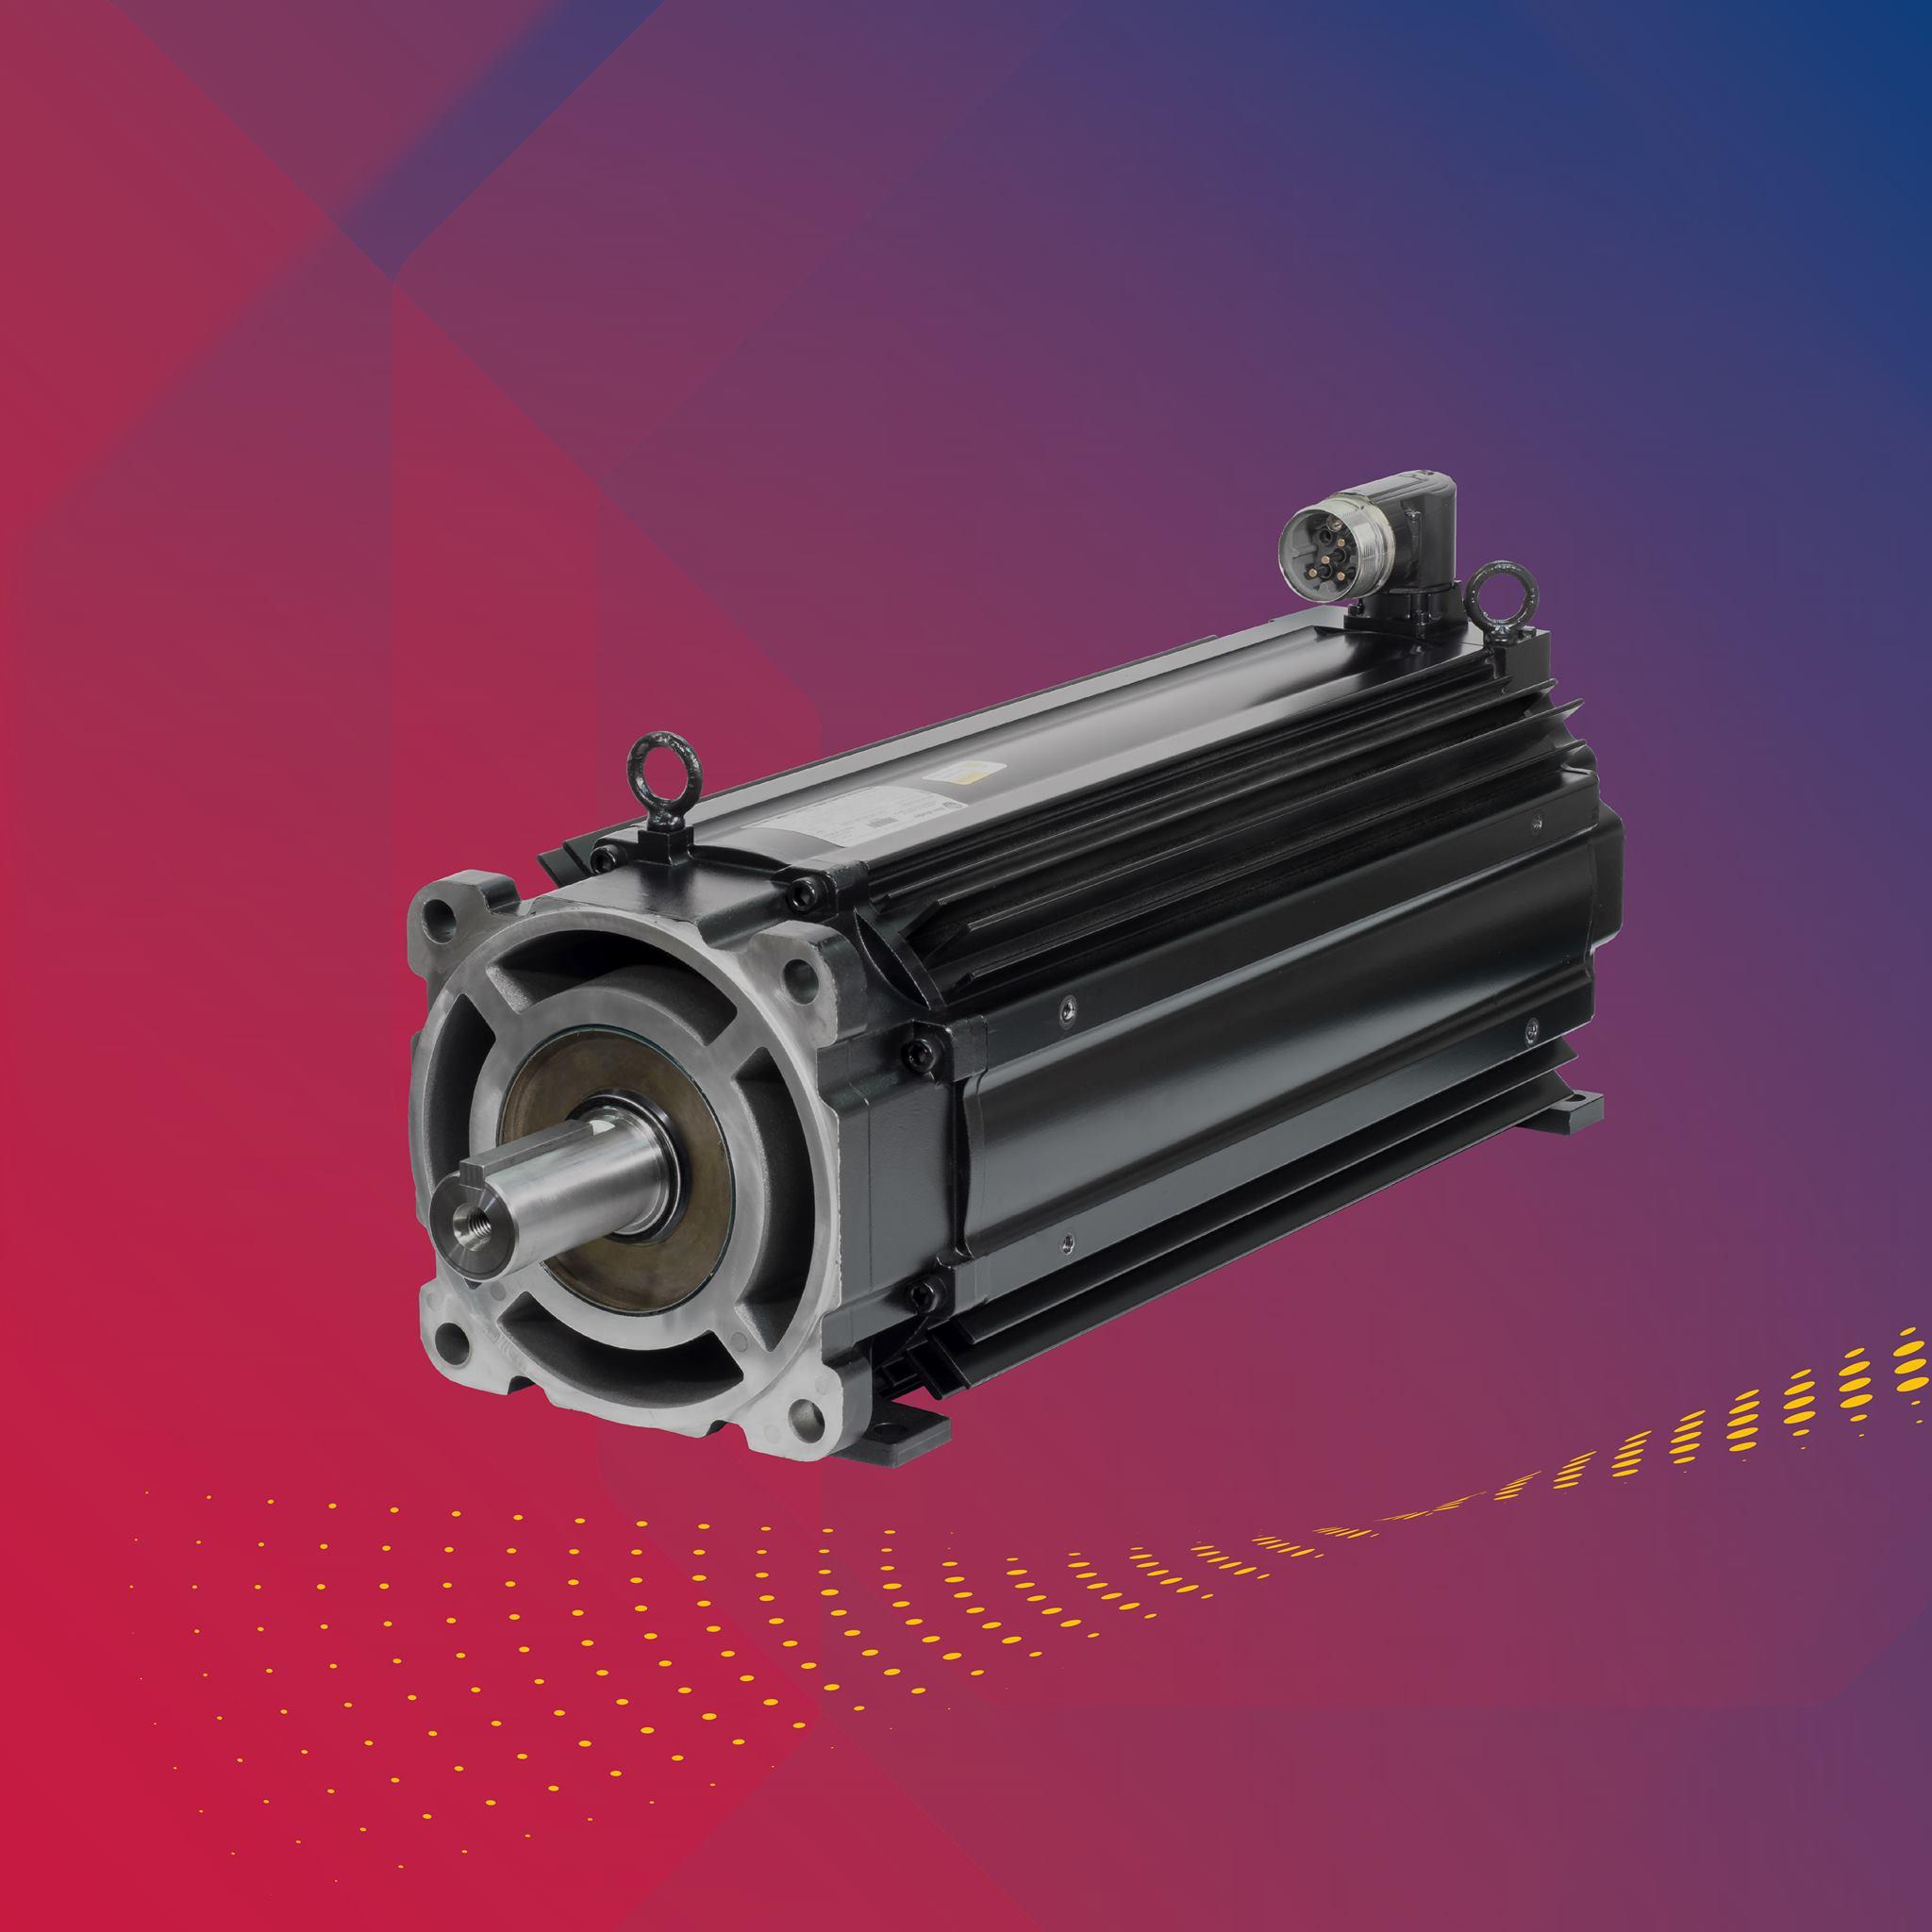 Kinetix VPC fansız servo motor! IE5 enerji verimliliğini sağlar ve hava rahatsızlıklarından kaçınmanız gereken baskı gibi uygulamalar için mükemmeldir.